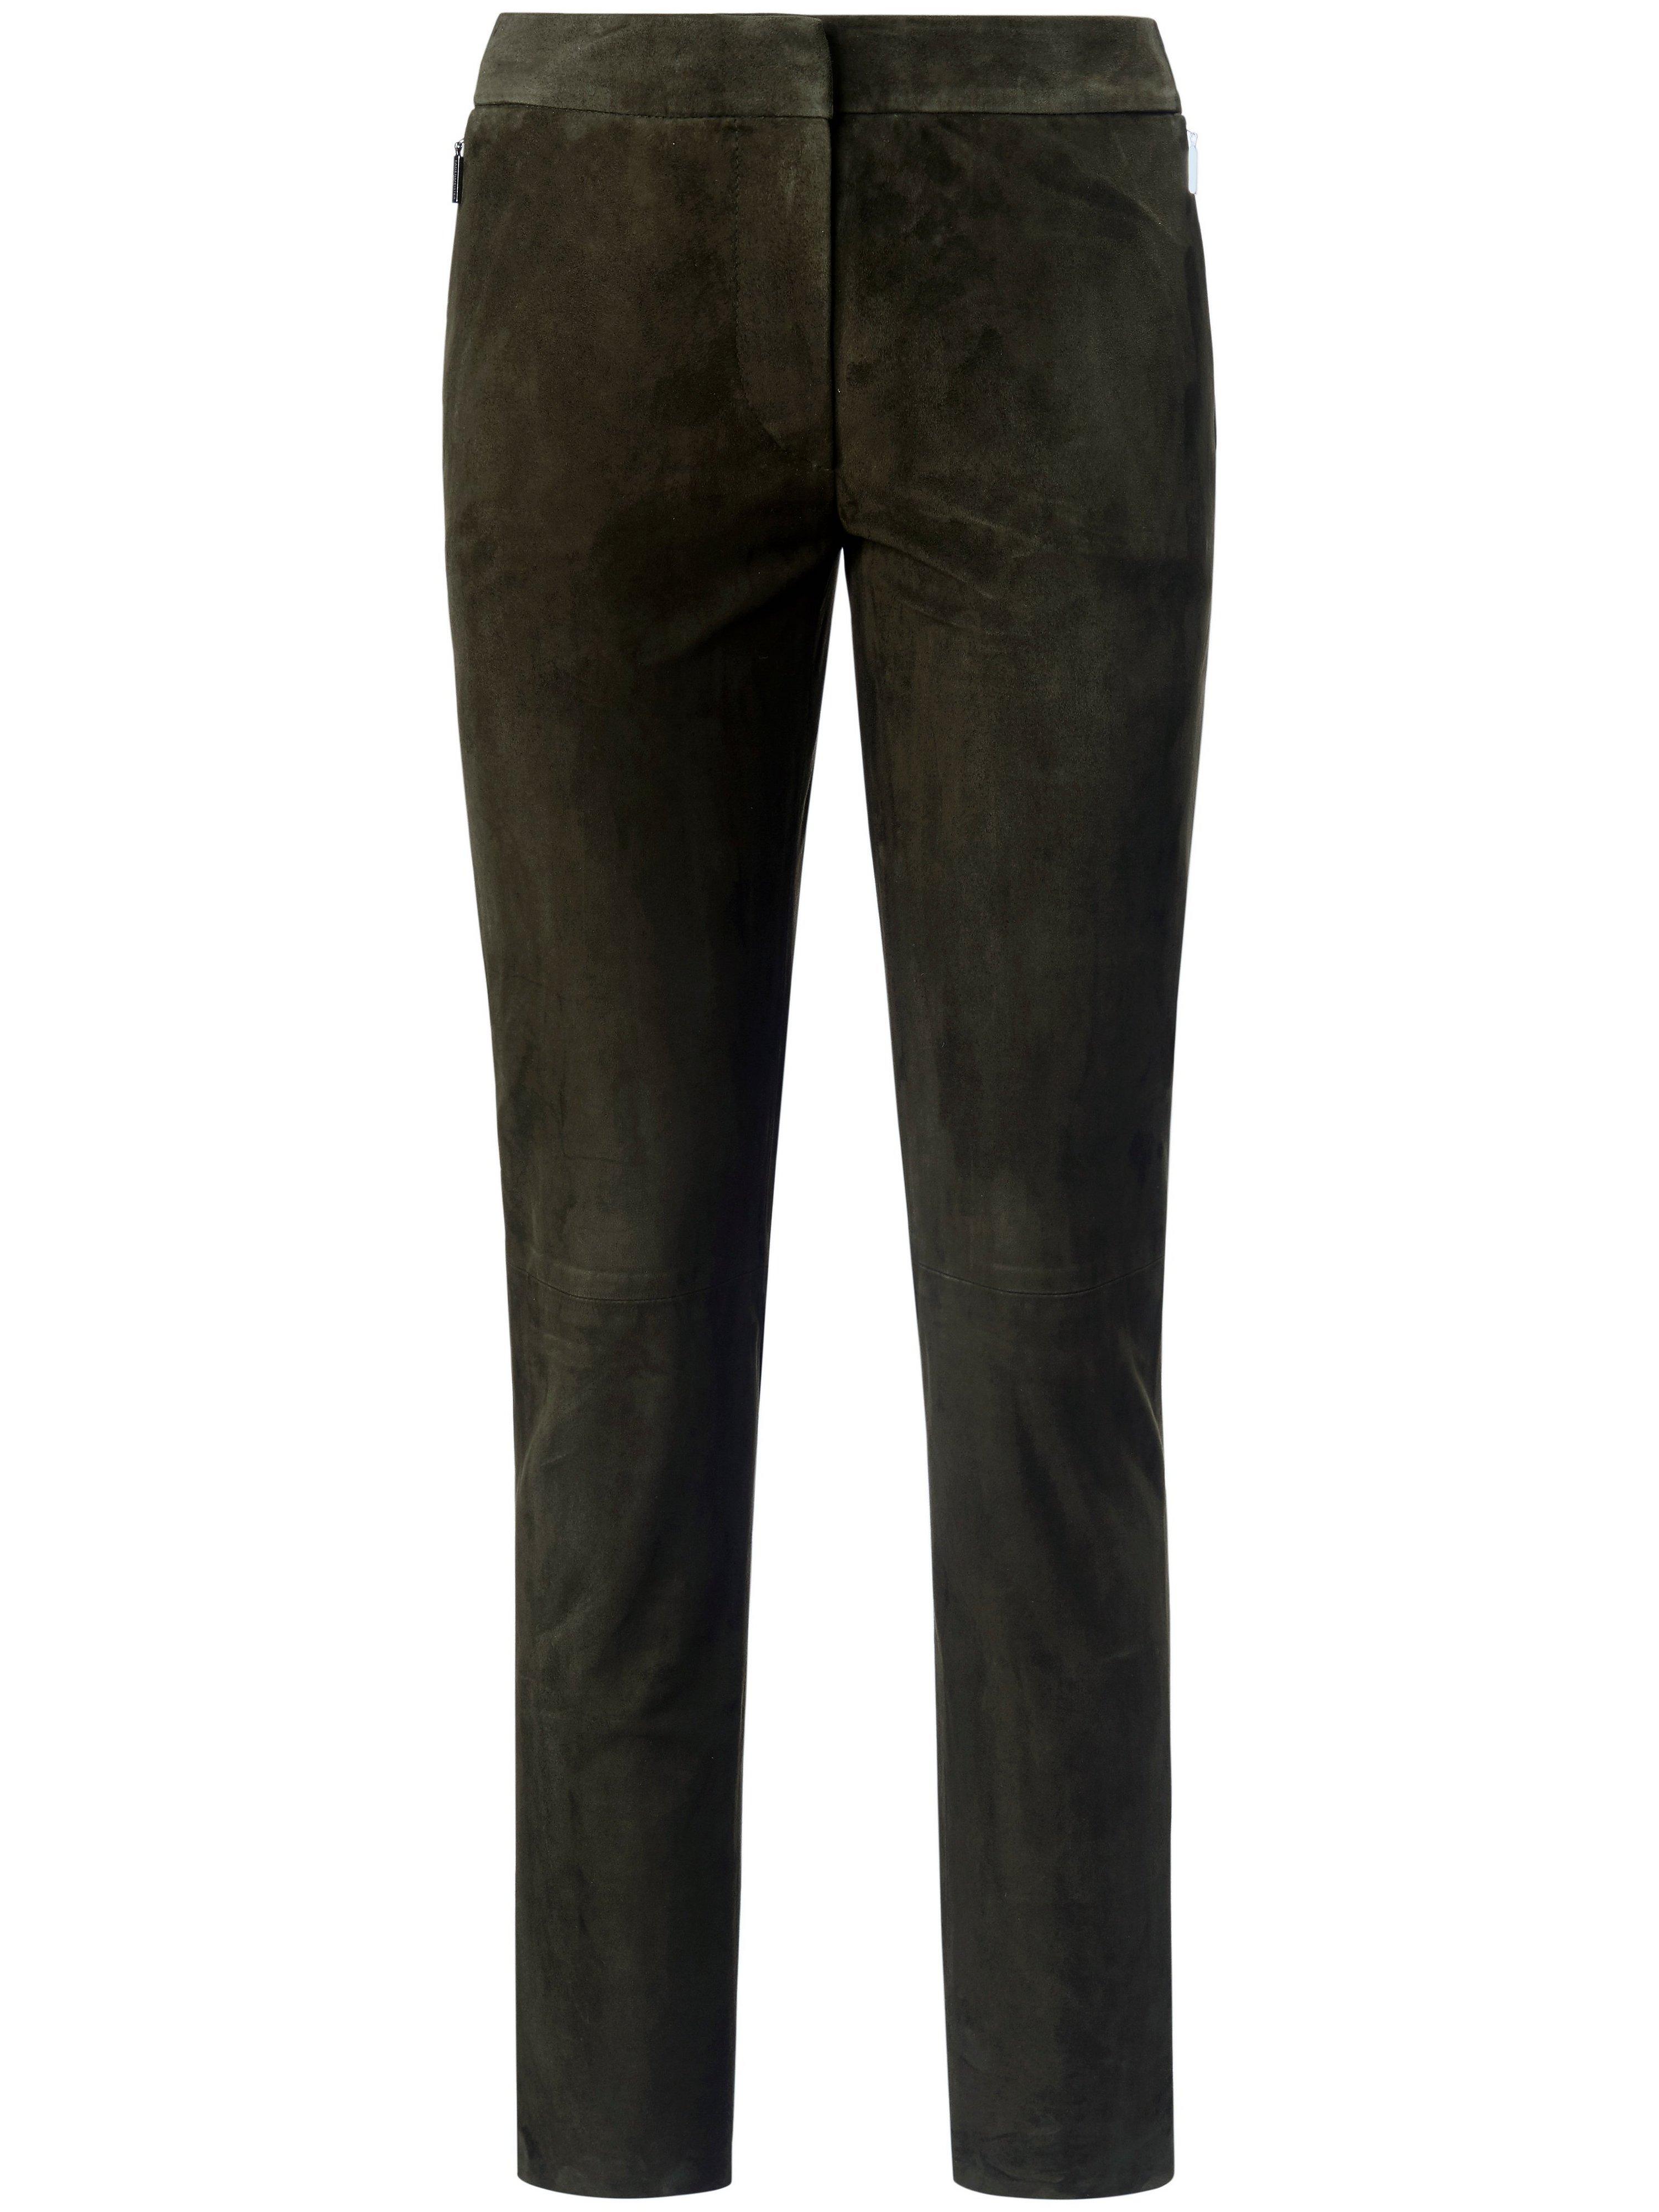 Leren broek in smal model geitensuèdeleer Van Fadenmeister Berlin groen